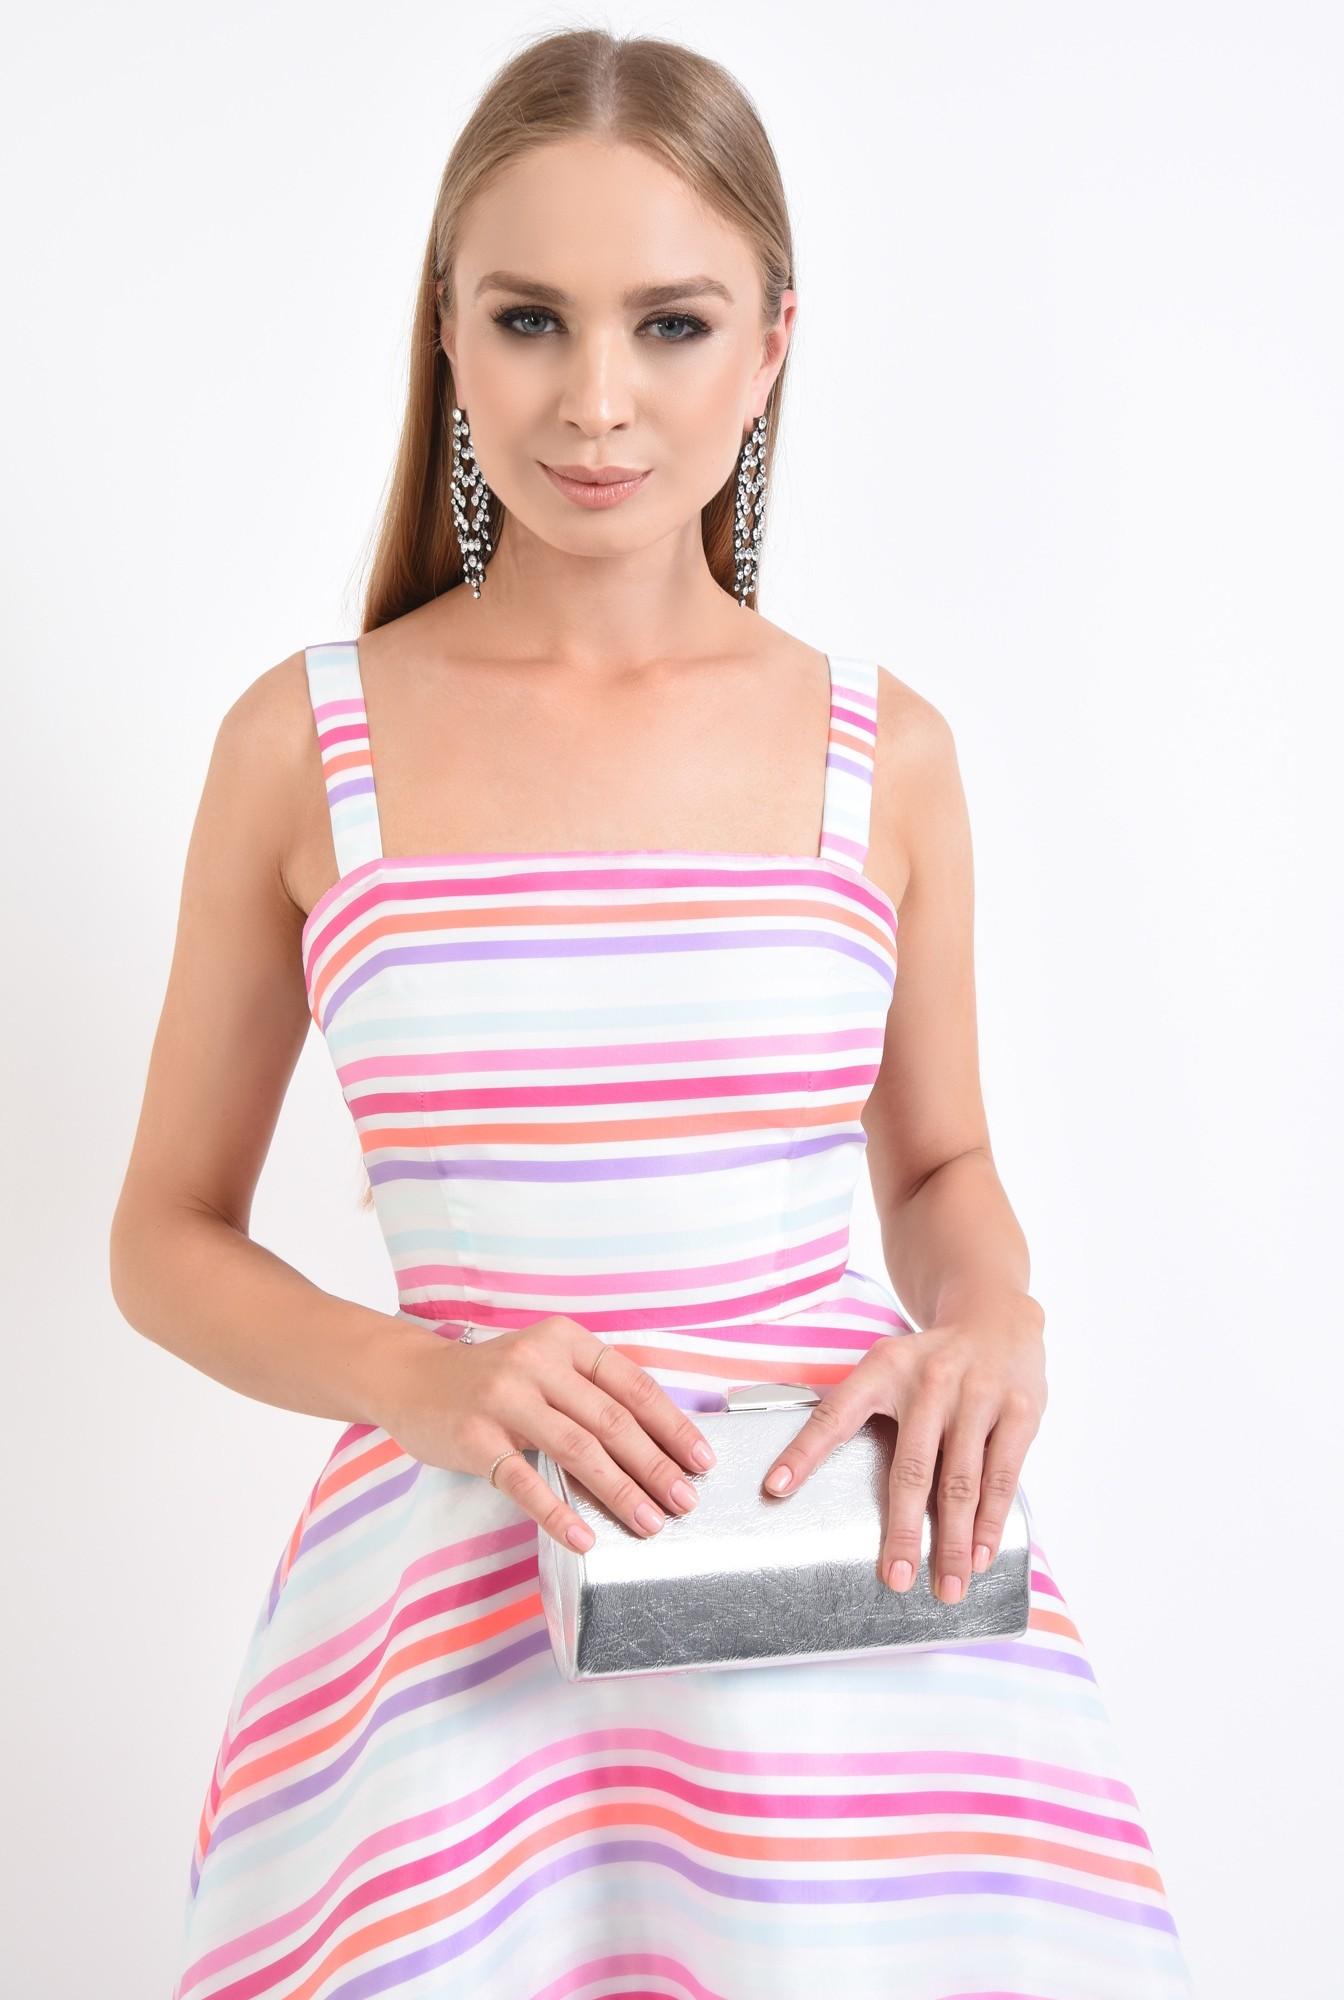 2 - rochie eleganta, tesatura satinata, imprimeu dungi, rochii de dama online